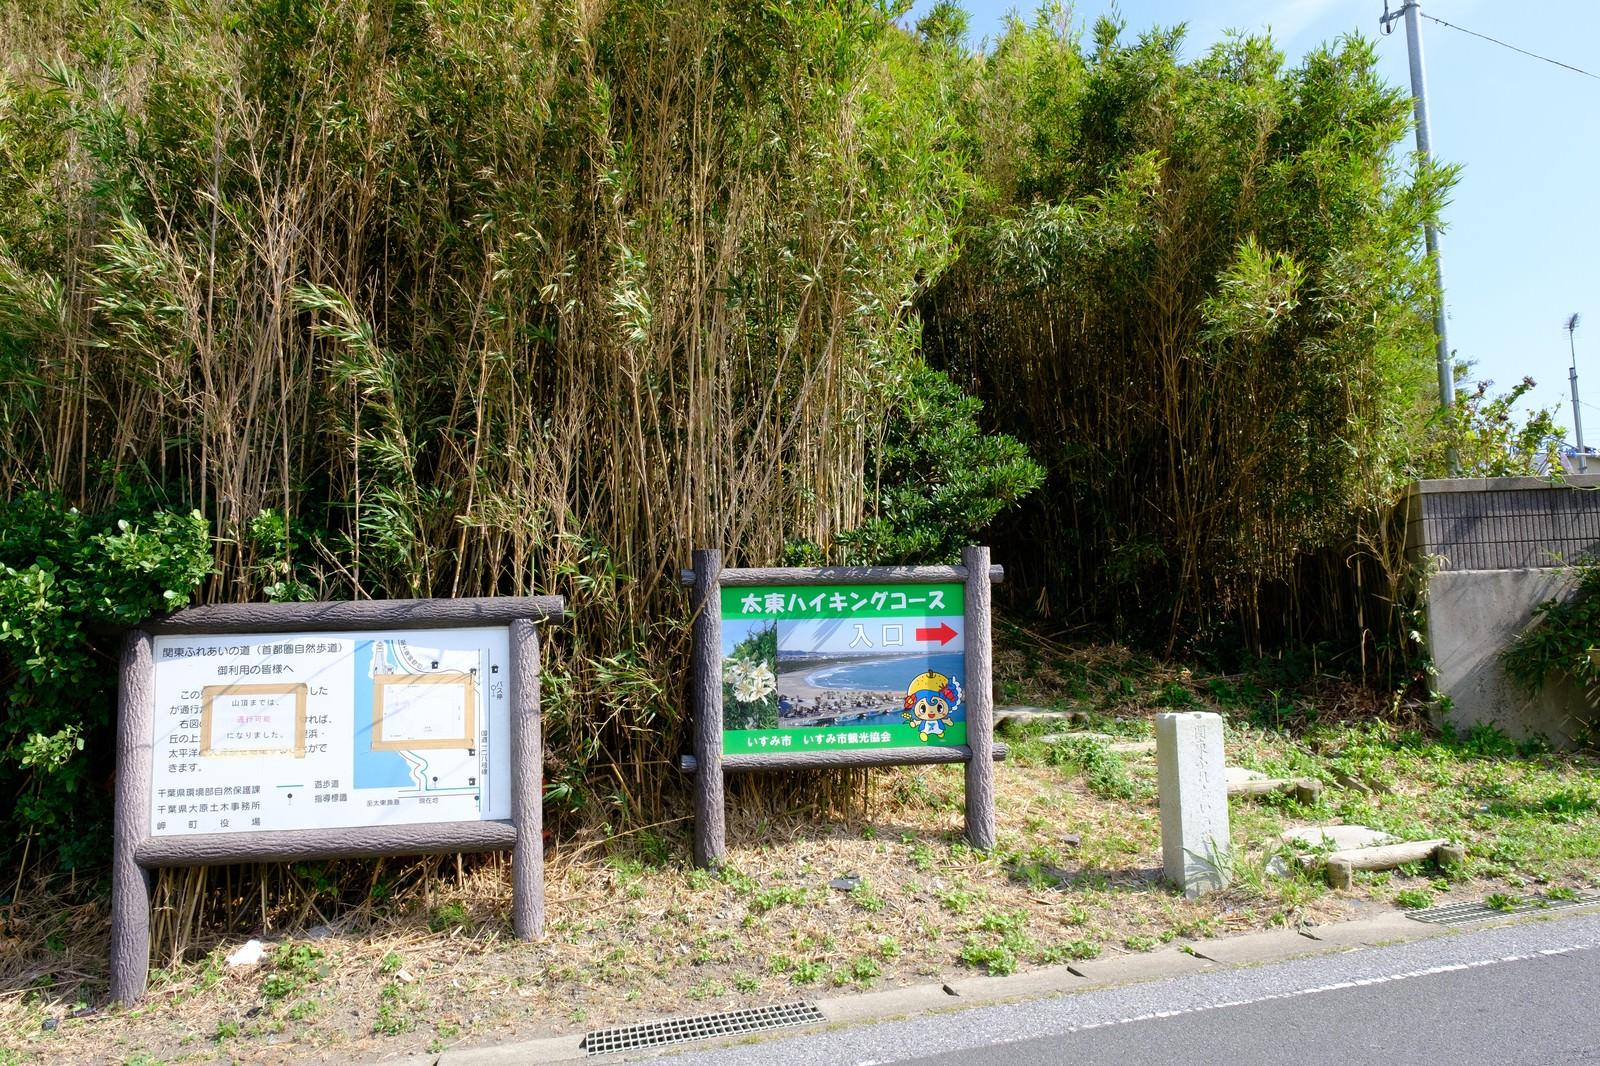 「一ノ宮町の丘へ続くハイキングコース入口(千葉県いすみ市)一ノ宮町の丘へ続くハイキングコース入口(千葉県いすみ市)」のフリー写真素材を拡大